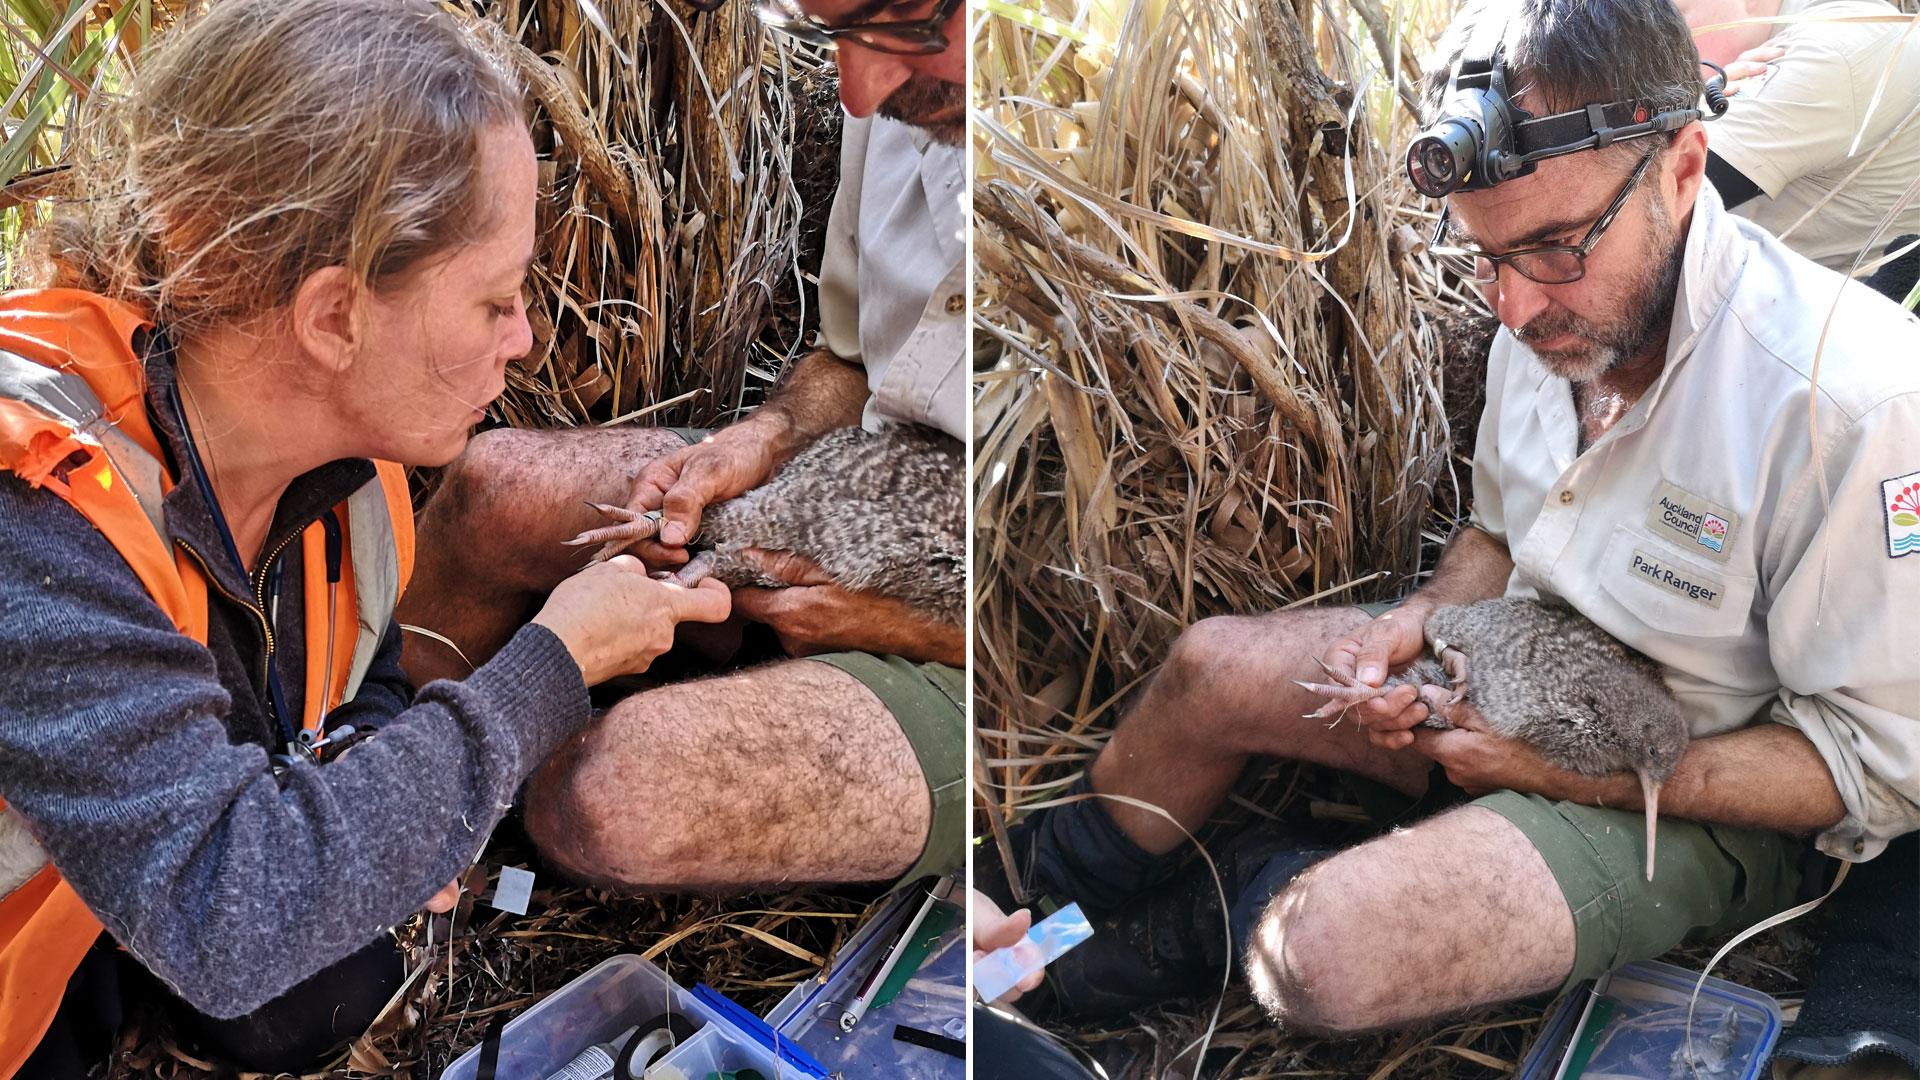 https://rfacdn.nz/zoo/assets/media/spotted-kiwi-vet-check-celine-gallery-3.jpg